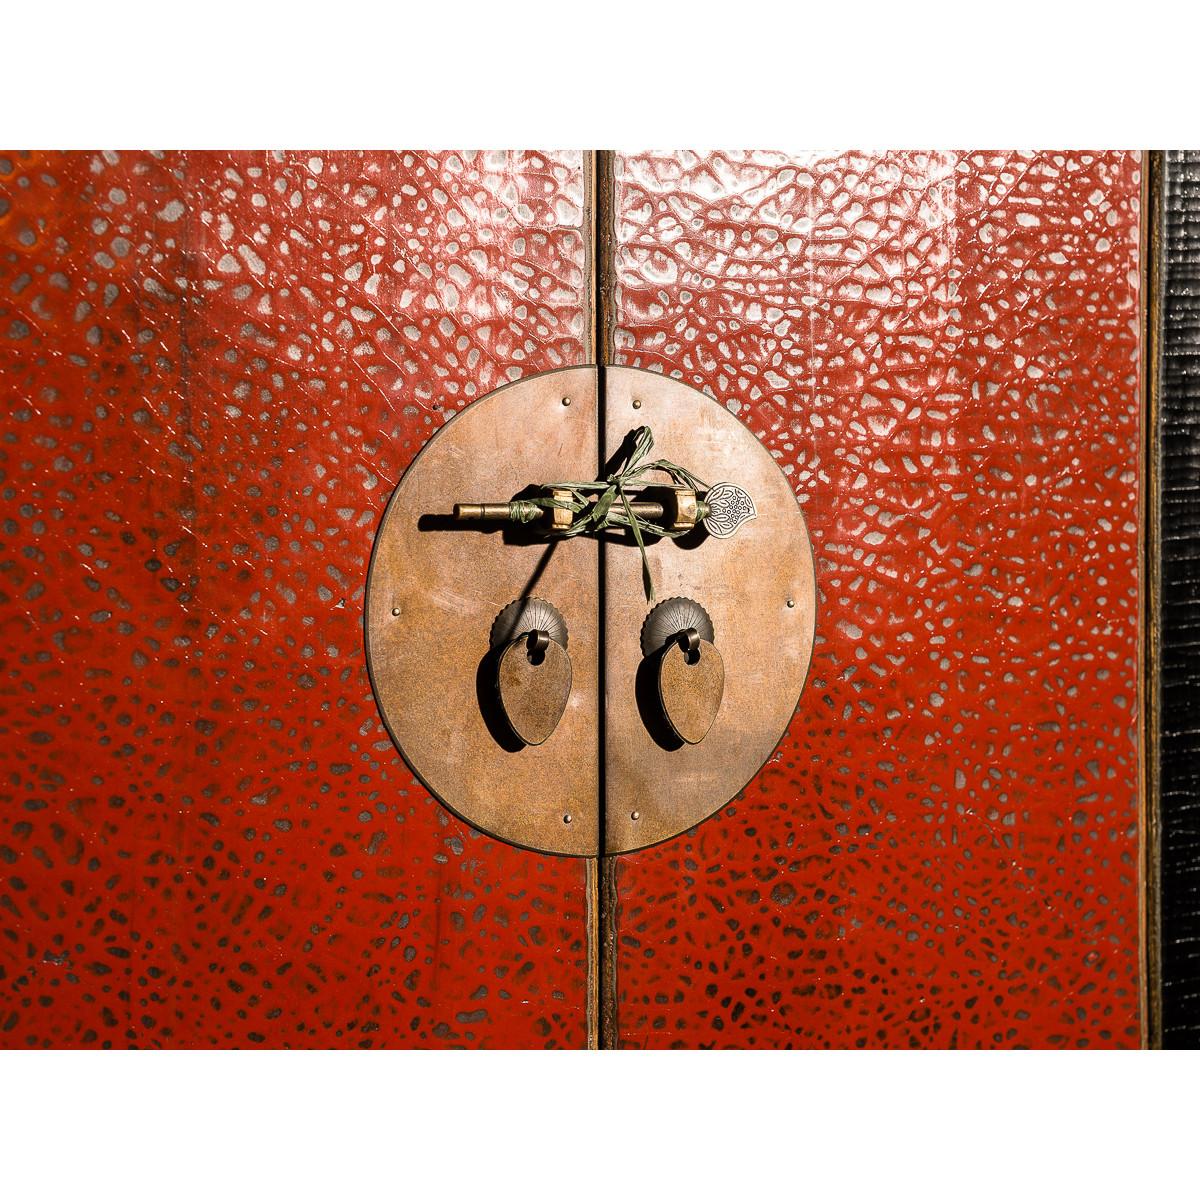 BF-20522 Шкаф для кана кан-гуй. Ранний период правления. Династия Мин